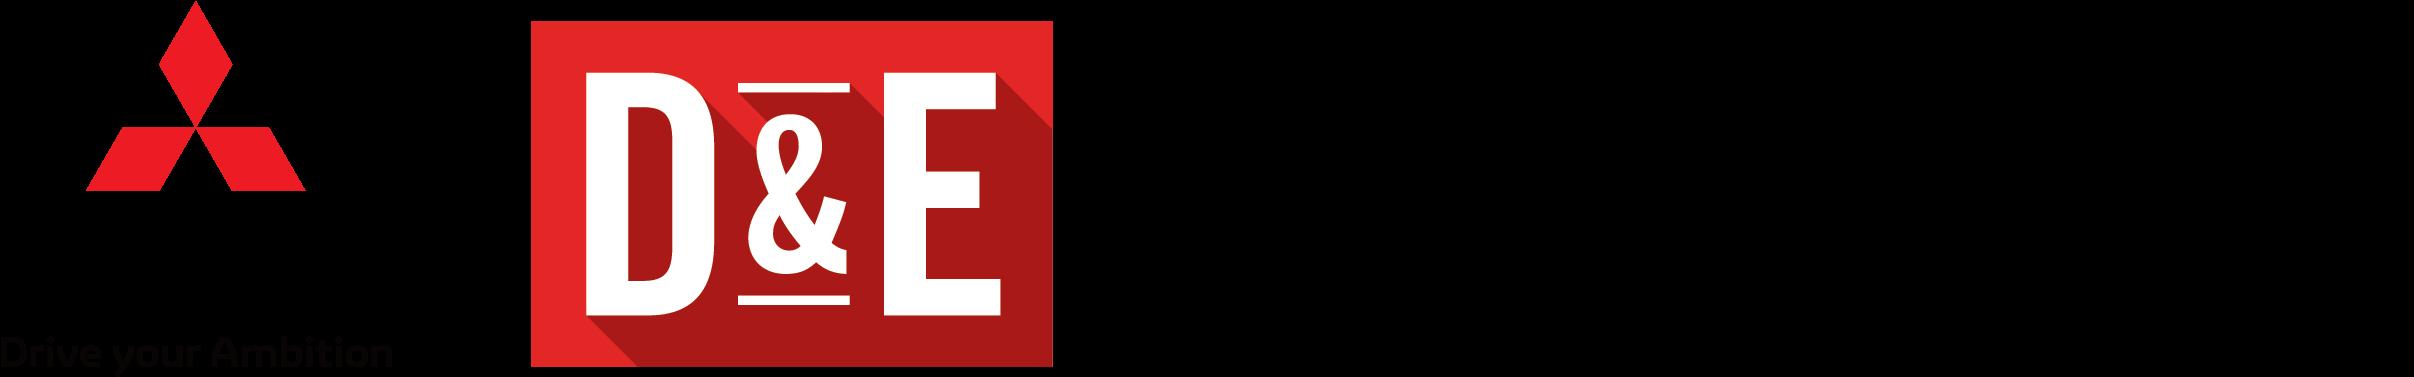 Download D&e Mitsubishi Logo - Mitsubishi Motors PNG Image with No